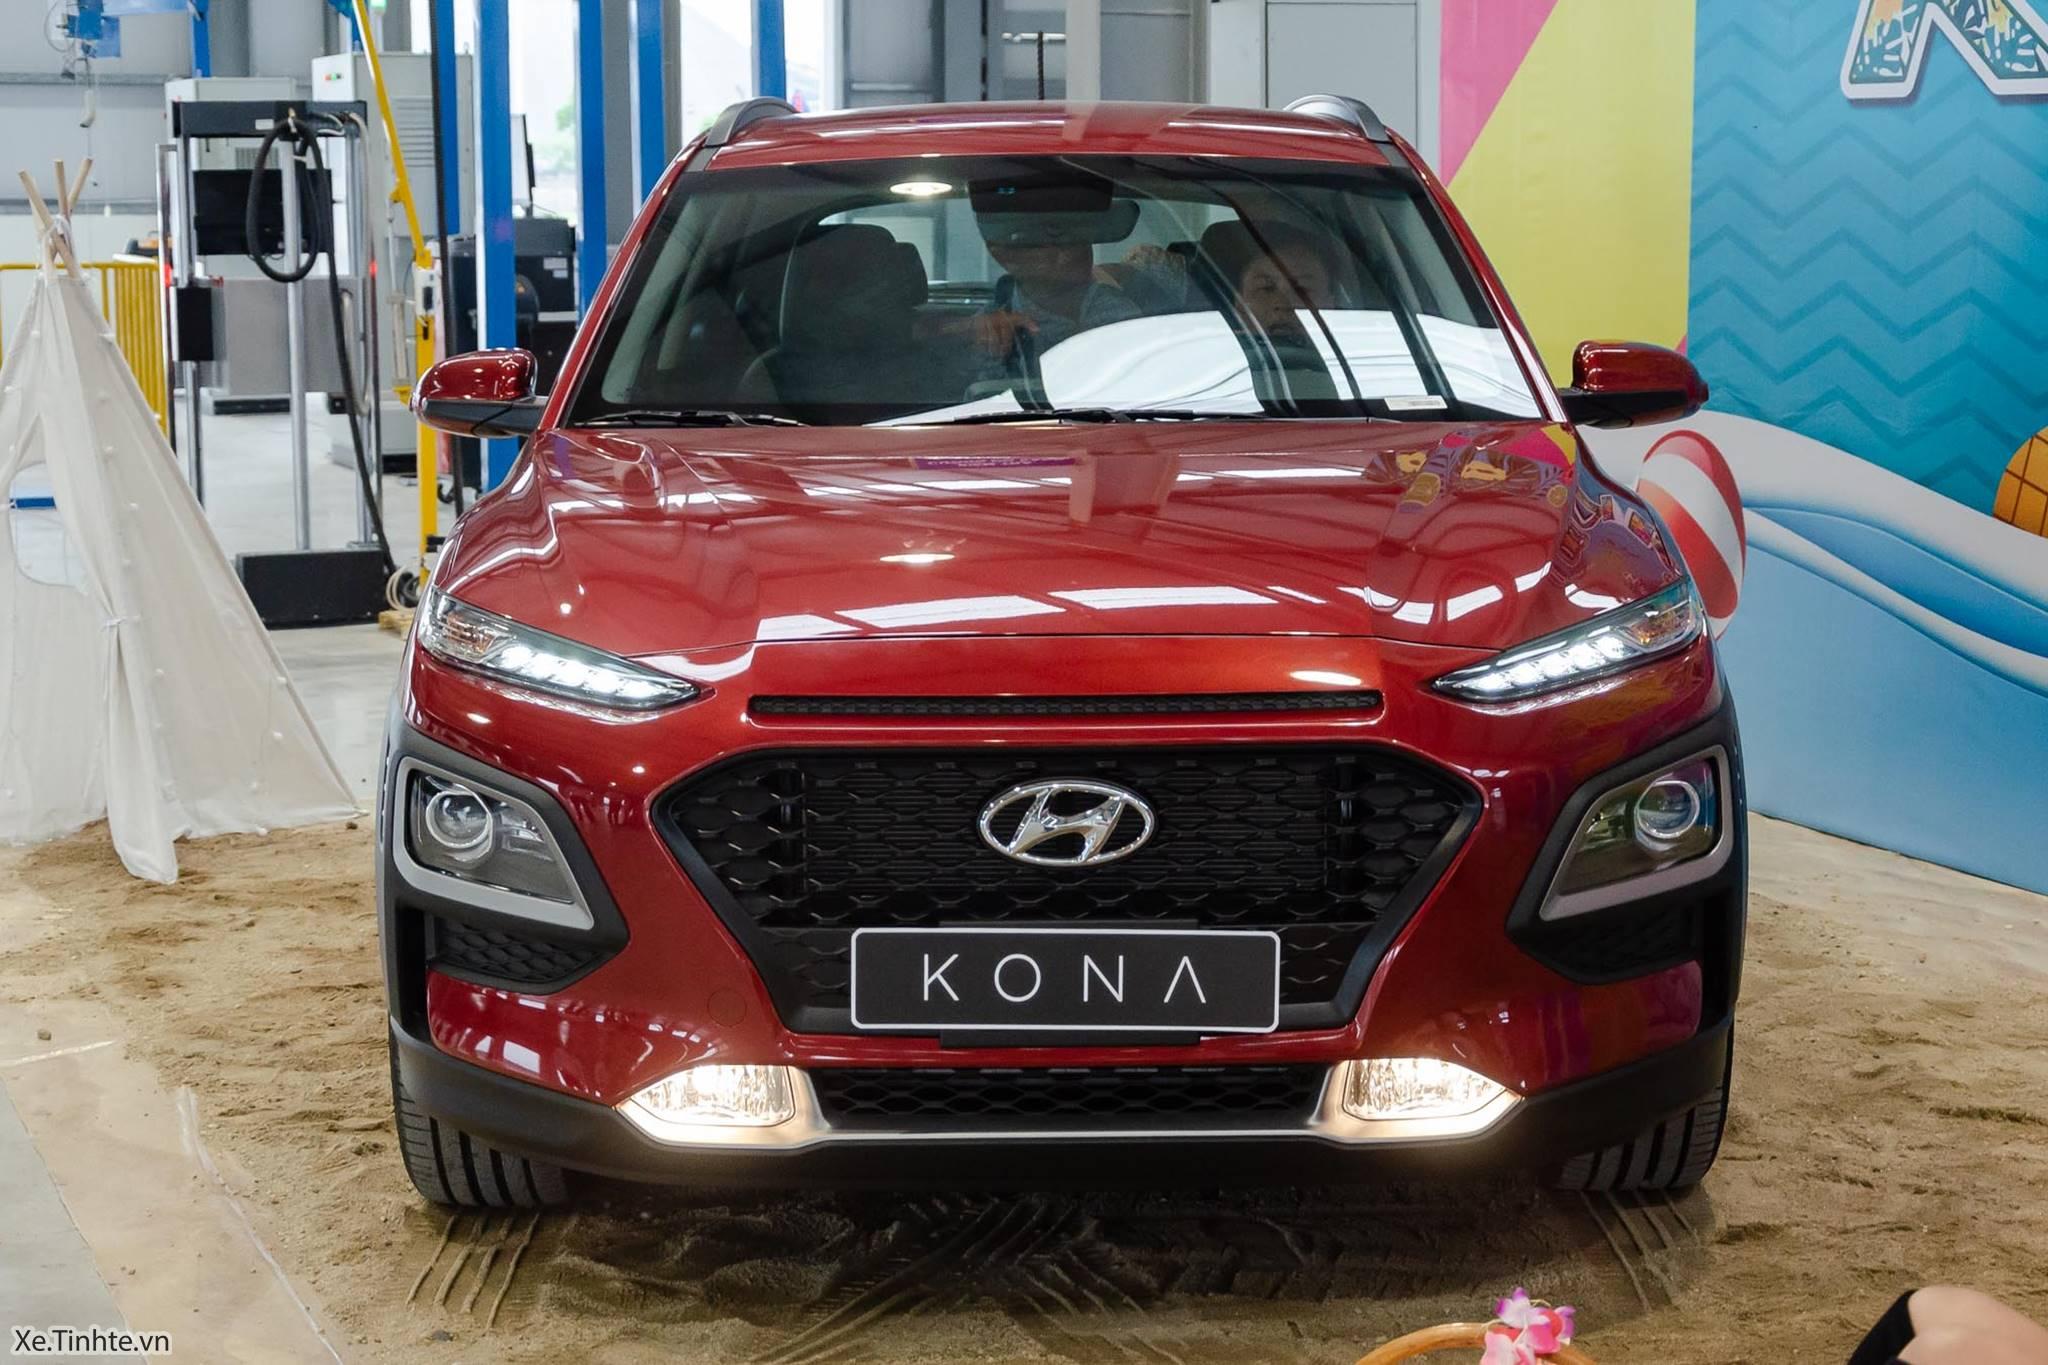 Hyundai_Kona_2018_Xe_Tinhte_DSC_6712.jpg